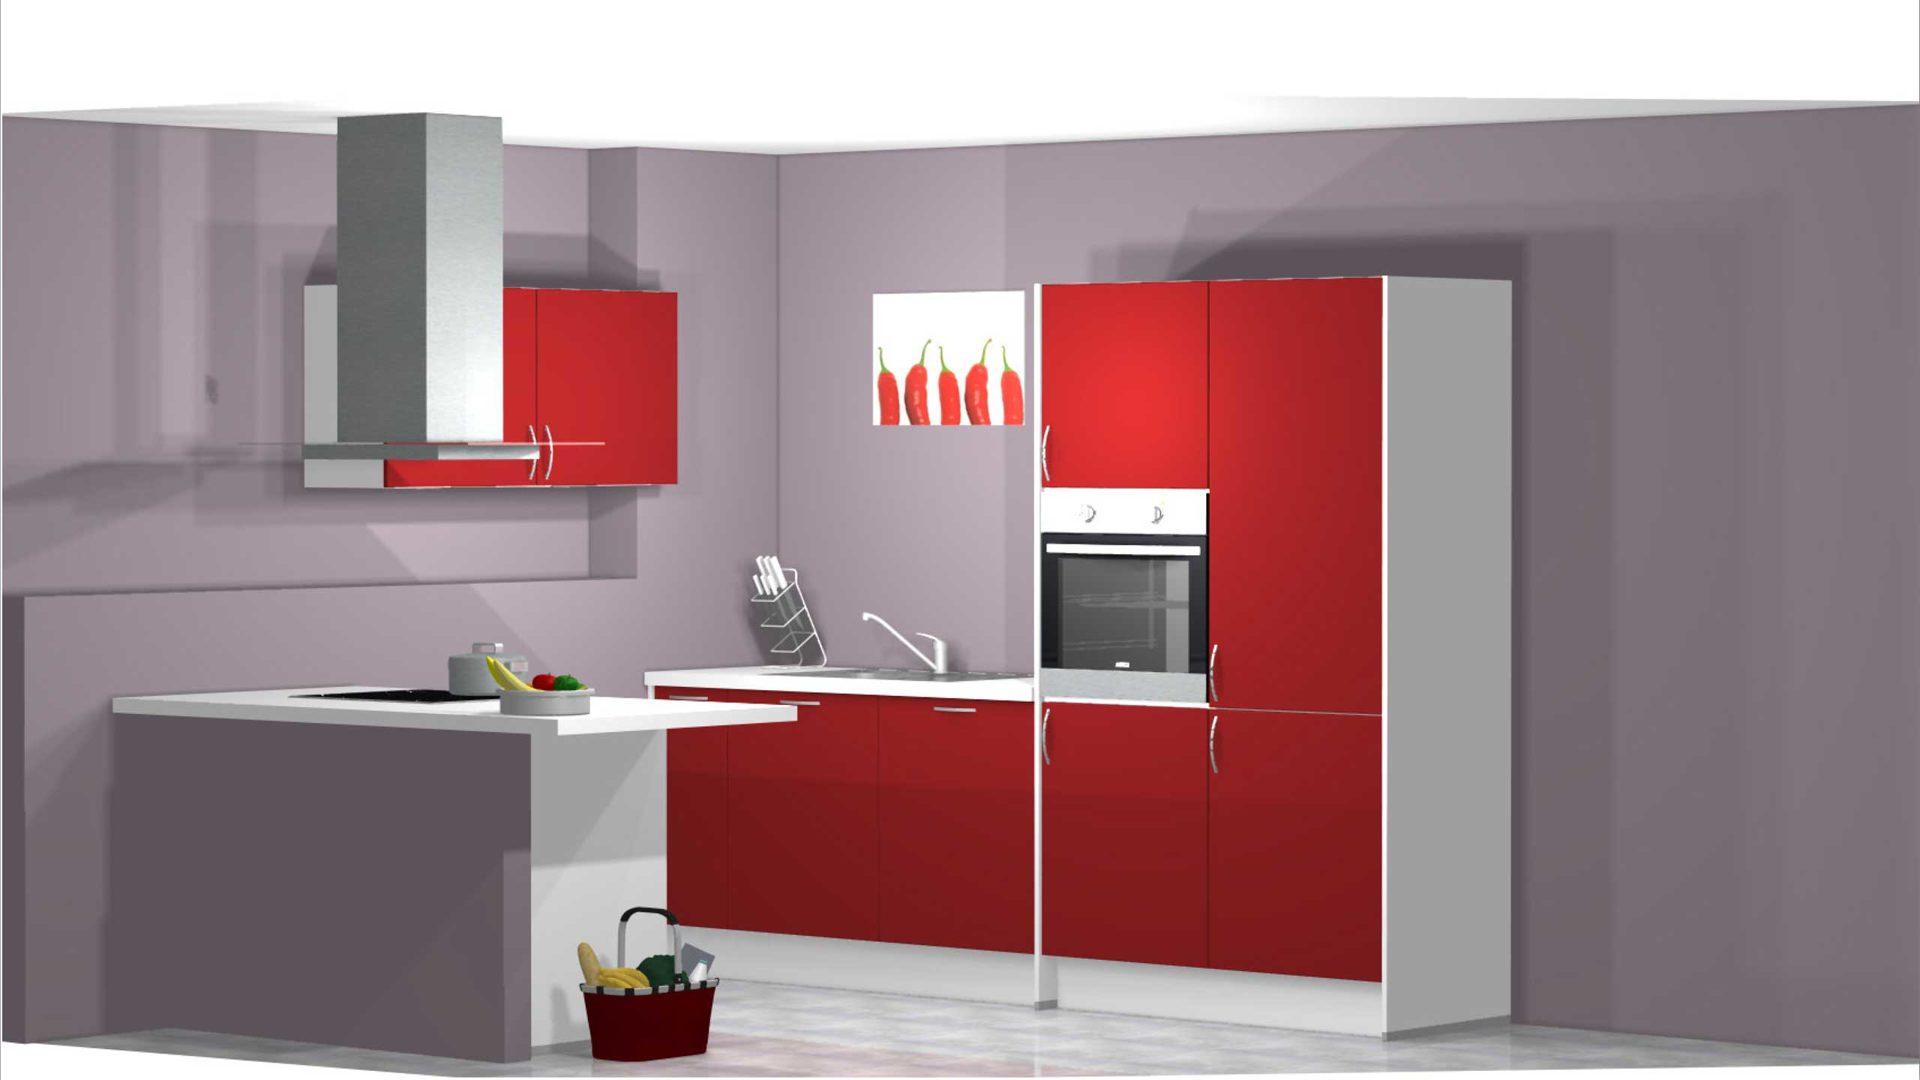 Moderne Offene Pino Küche Zum Kleinen Preis Pino Einbauküche Küche